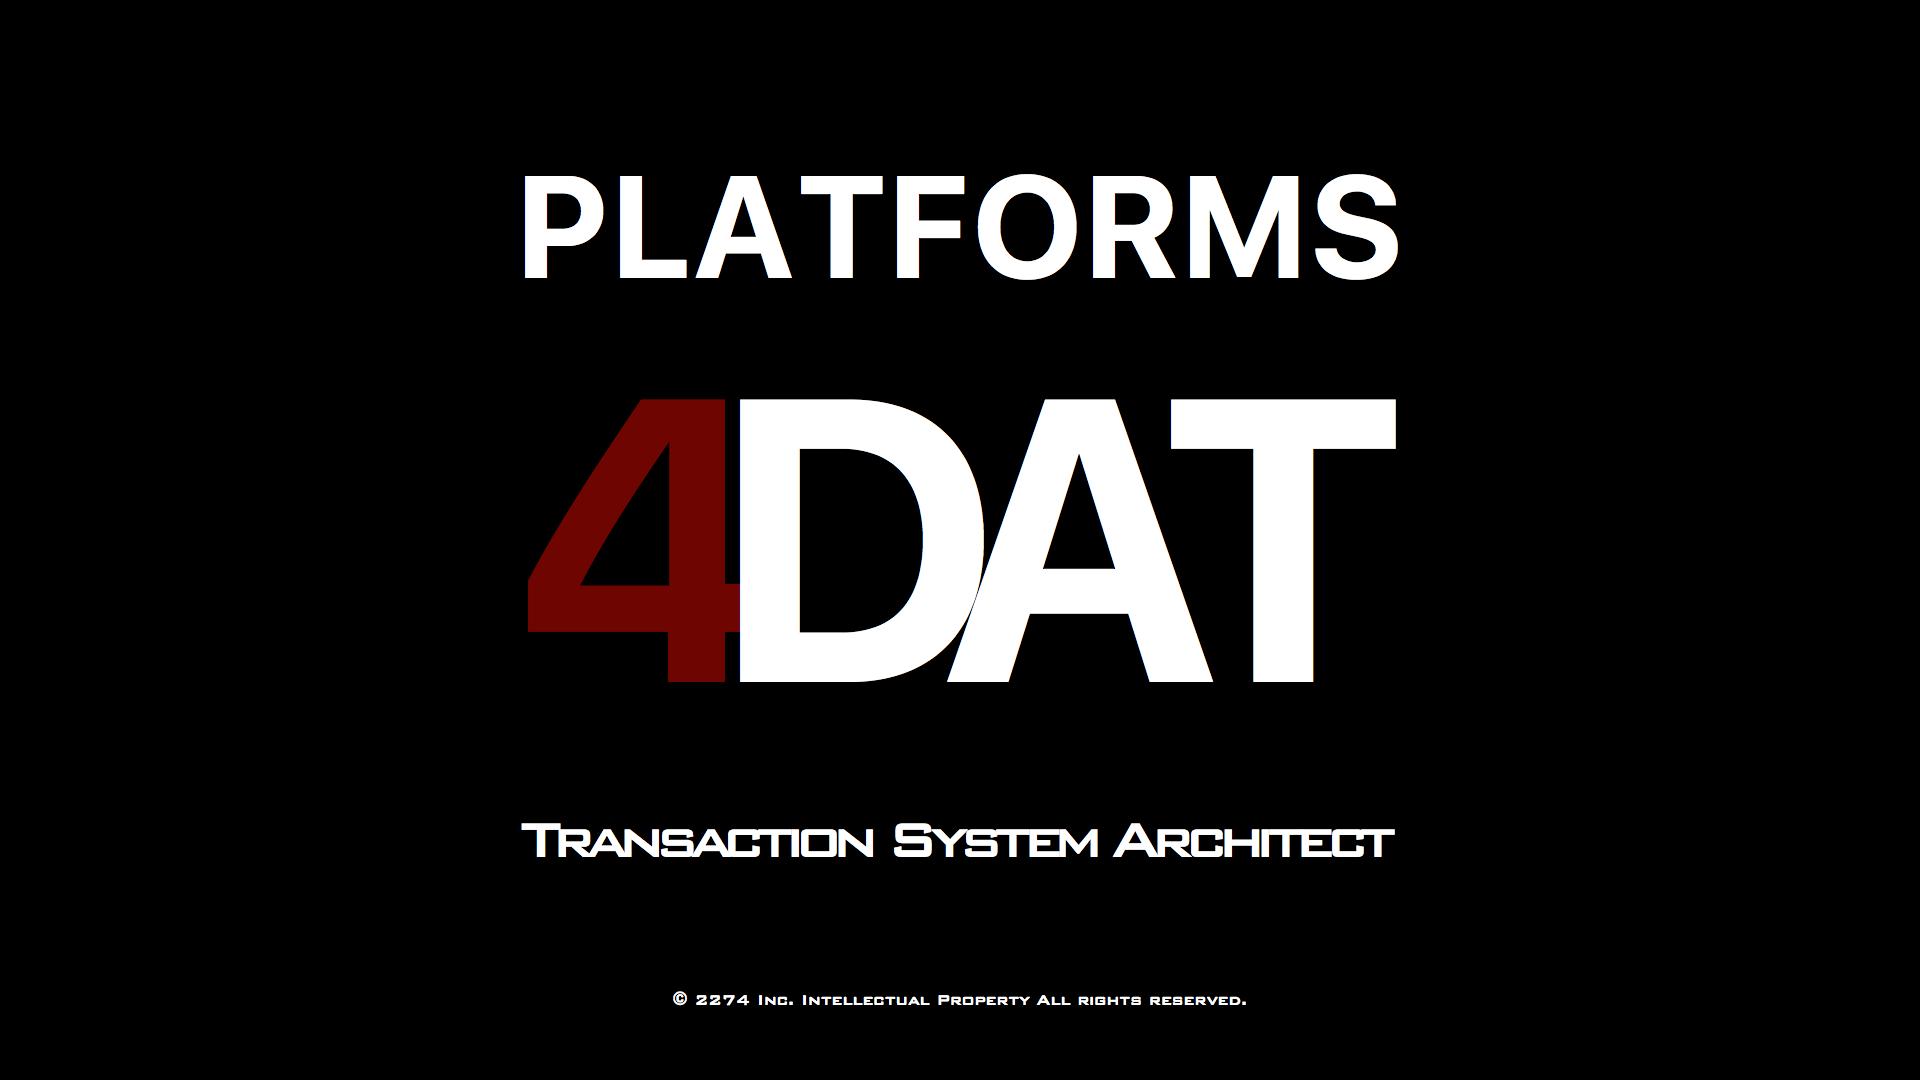 Transaction System Architect by [Z]